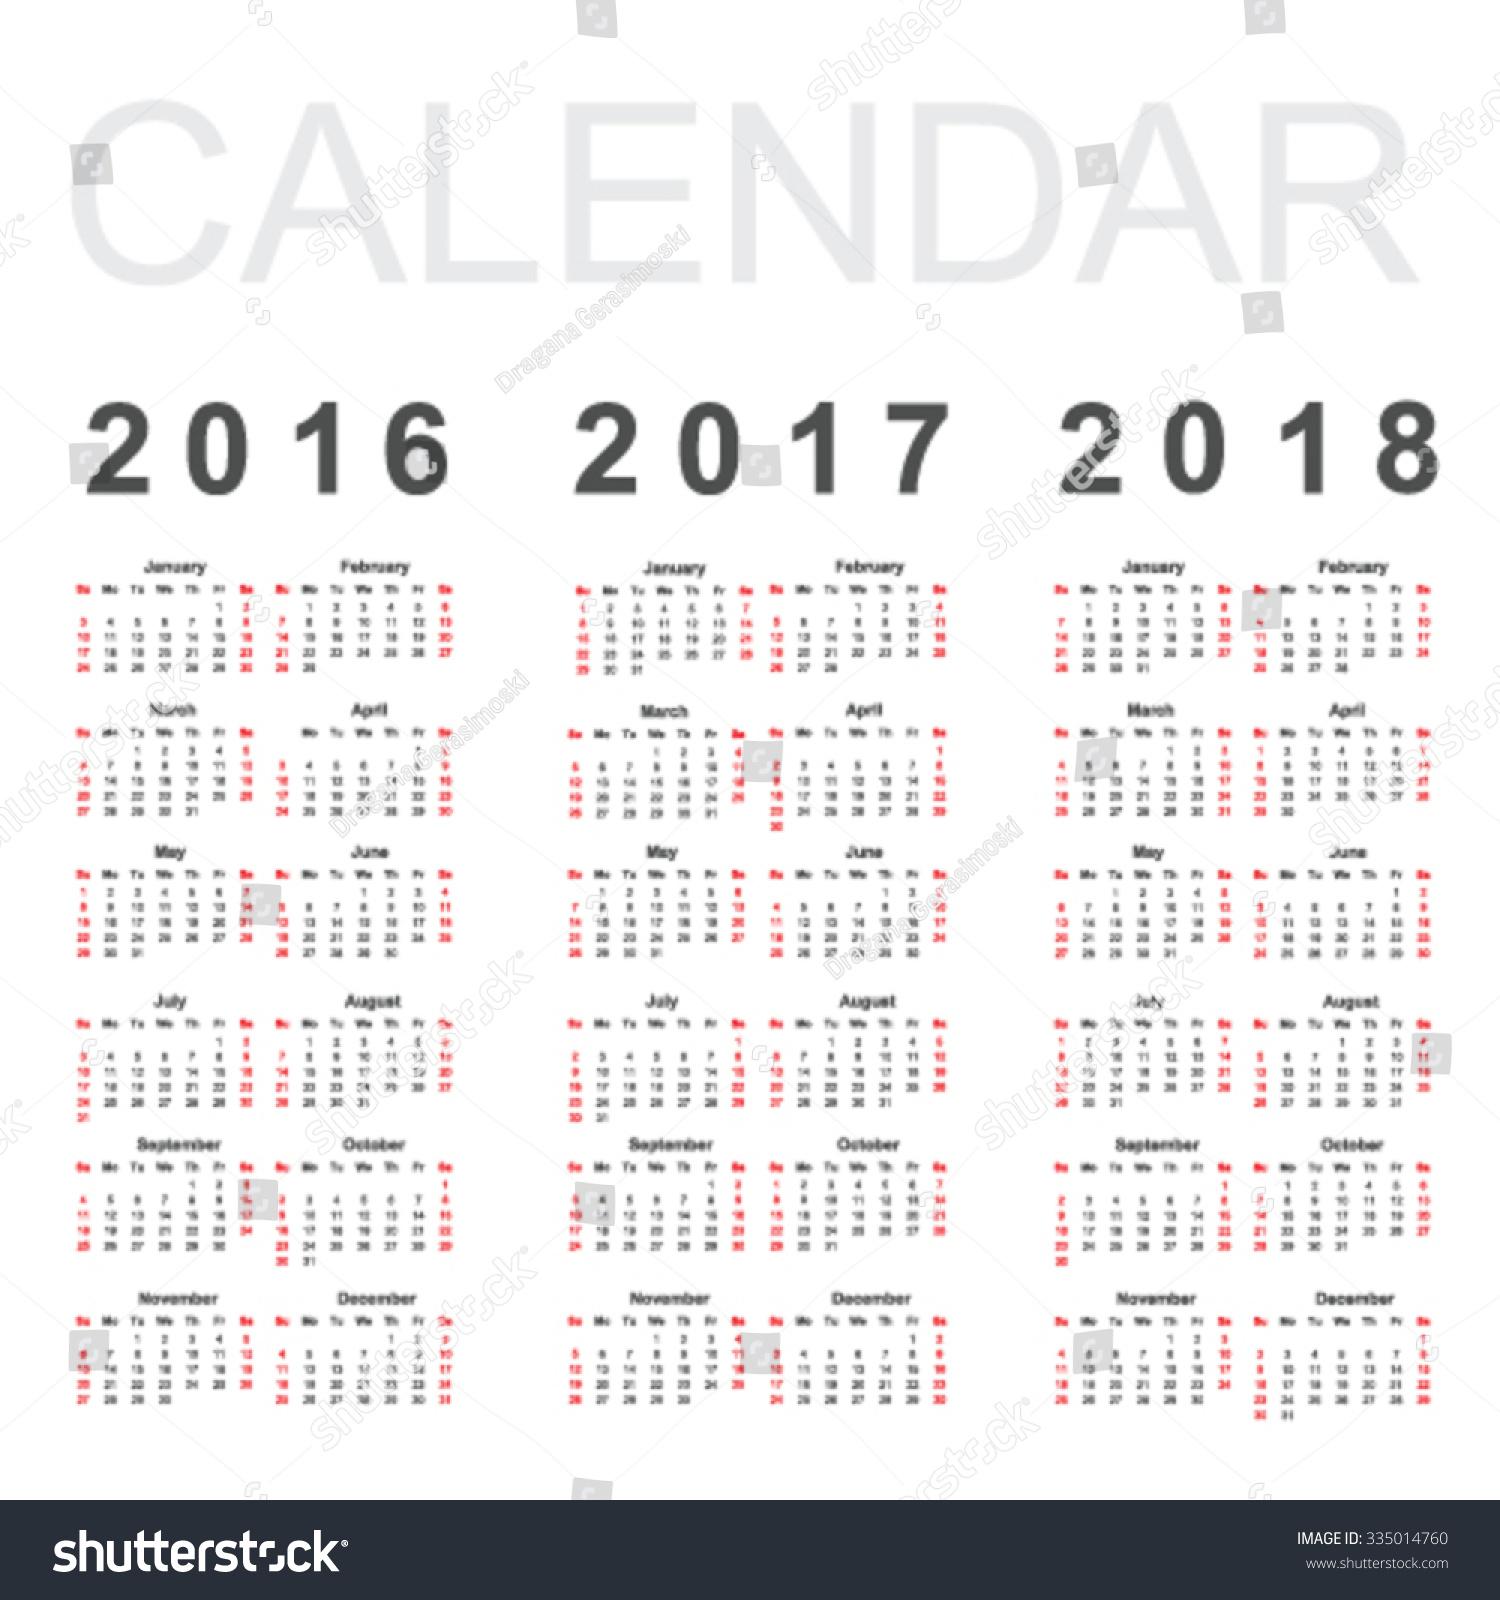 Calendar 2016 2017 2018 Year Vector Stock Vector 335014760 ...